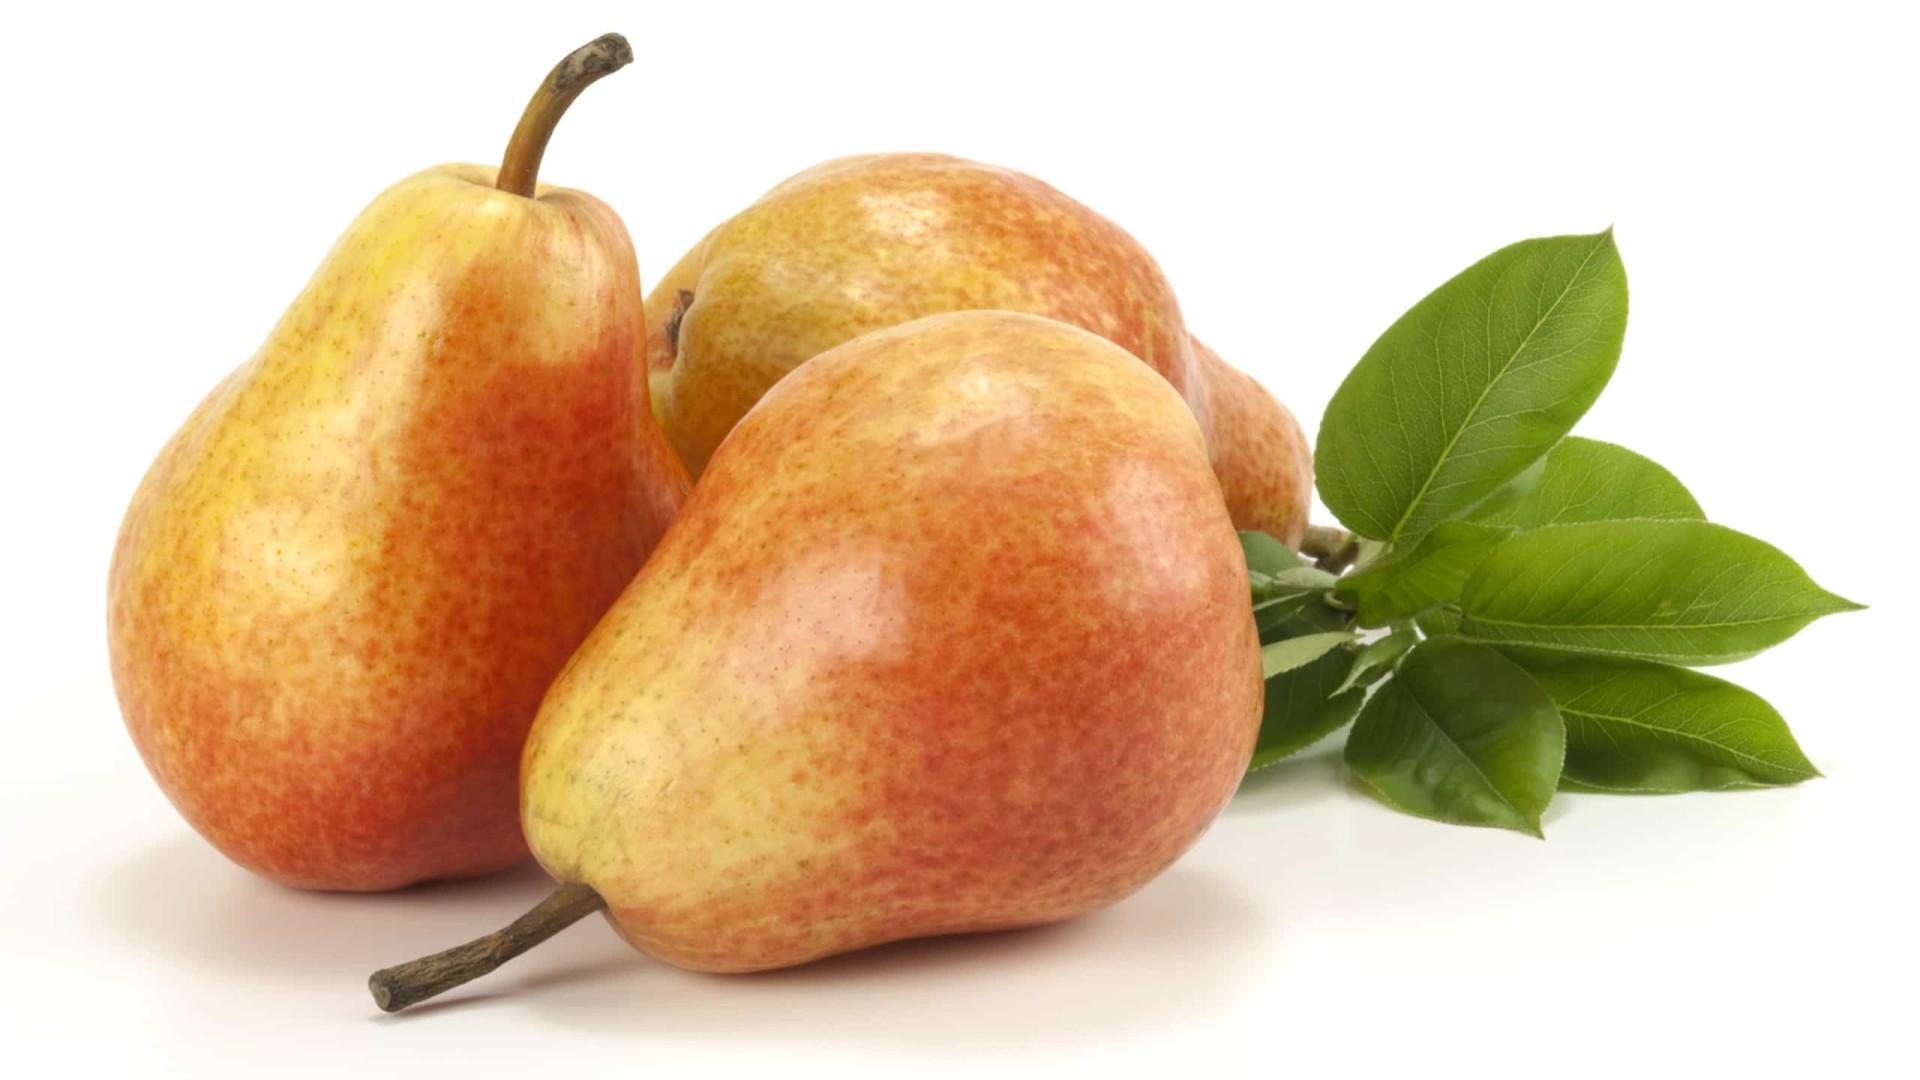 Cinco frutas que saciam e reduzem a fome até duas horas